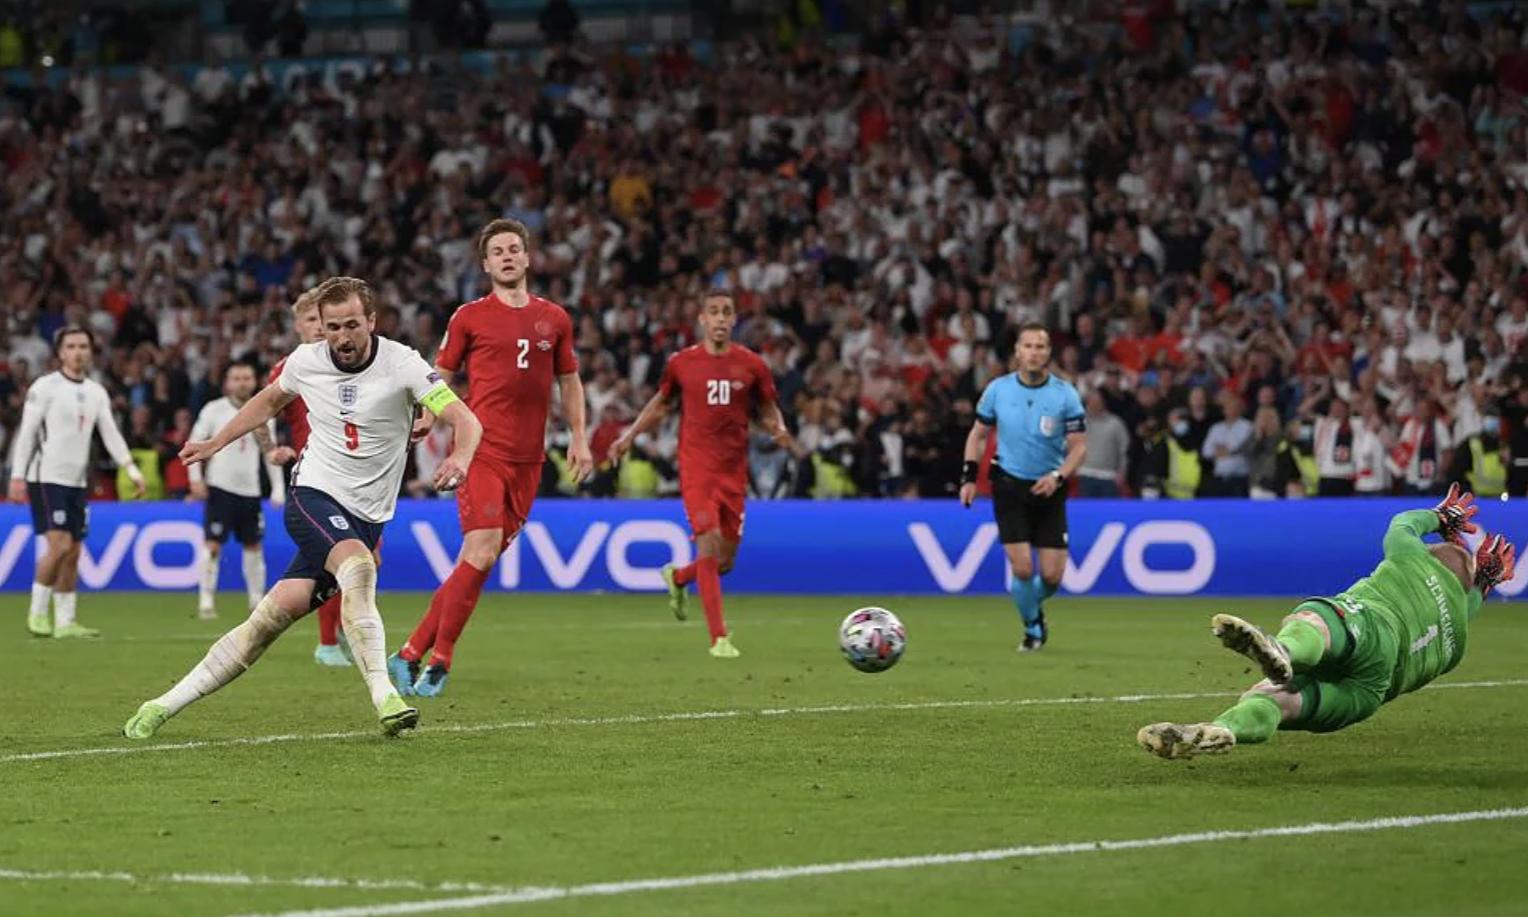 Kane đá bồi ghi bàn từ quả phạt đền tối 7/7, đưa Anh vào chung kết Euro lần đầu tiên. Ảnh: UEFA